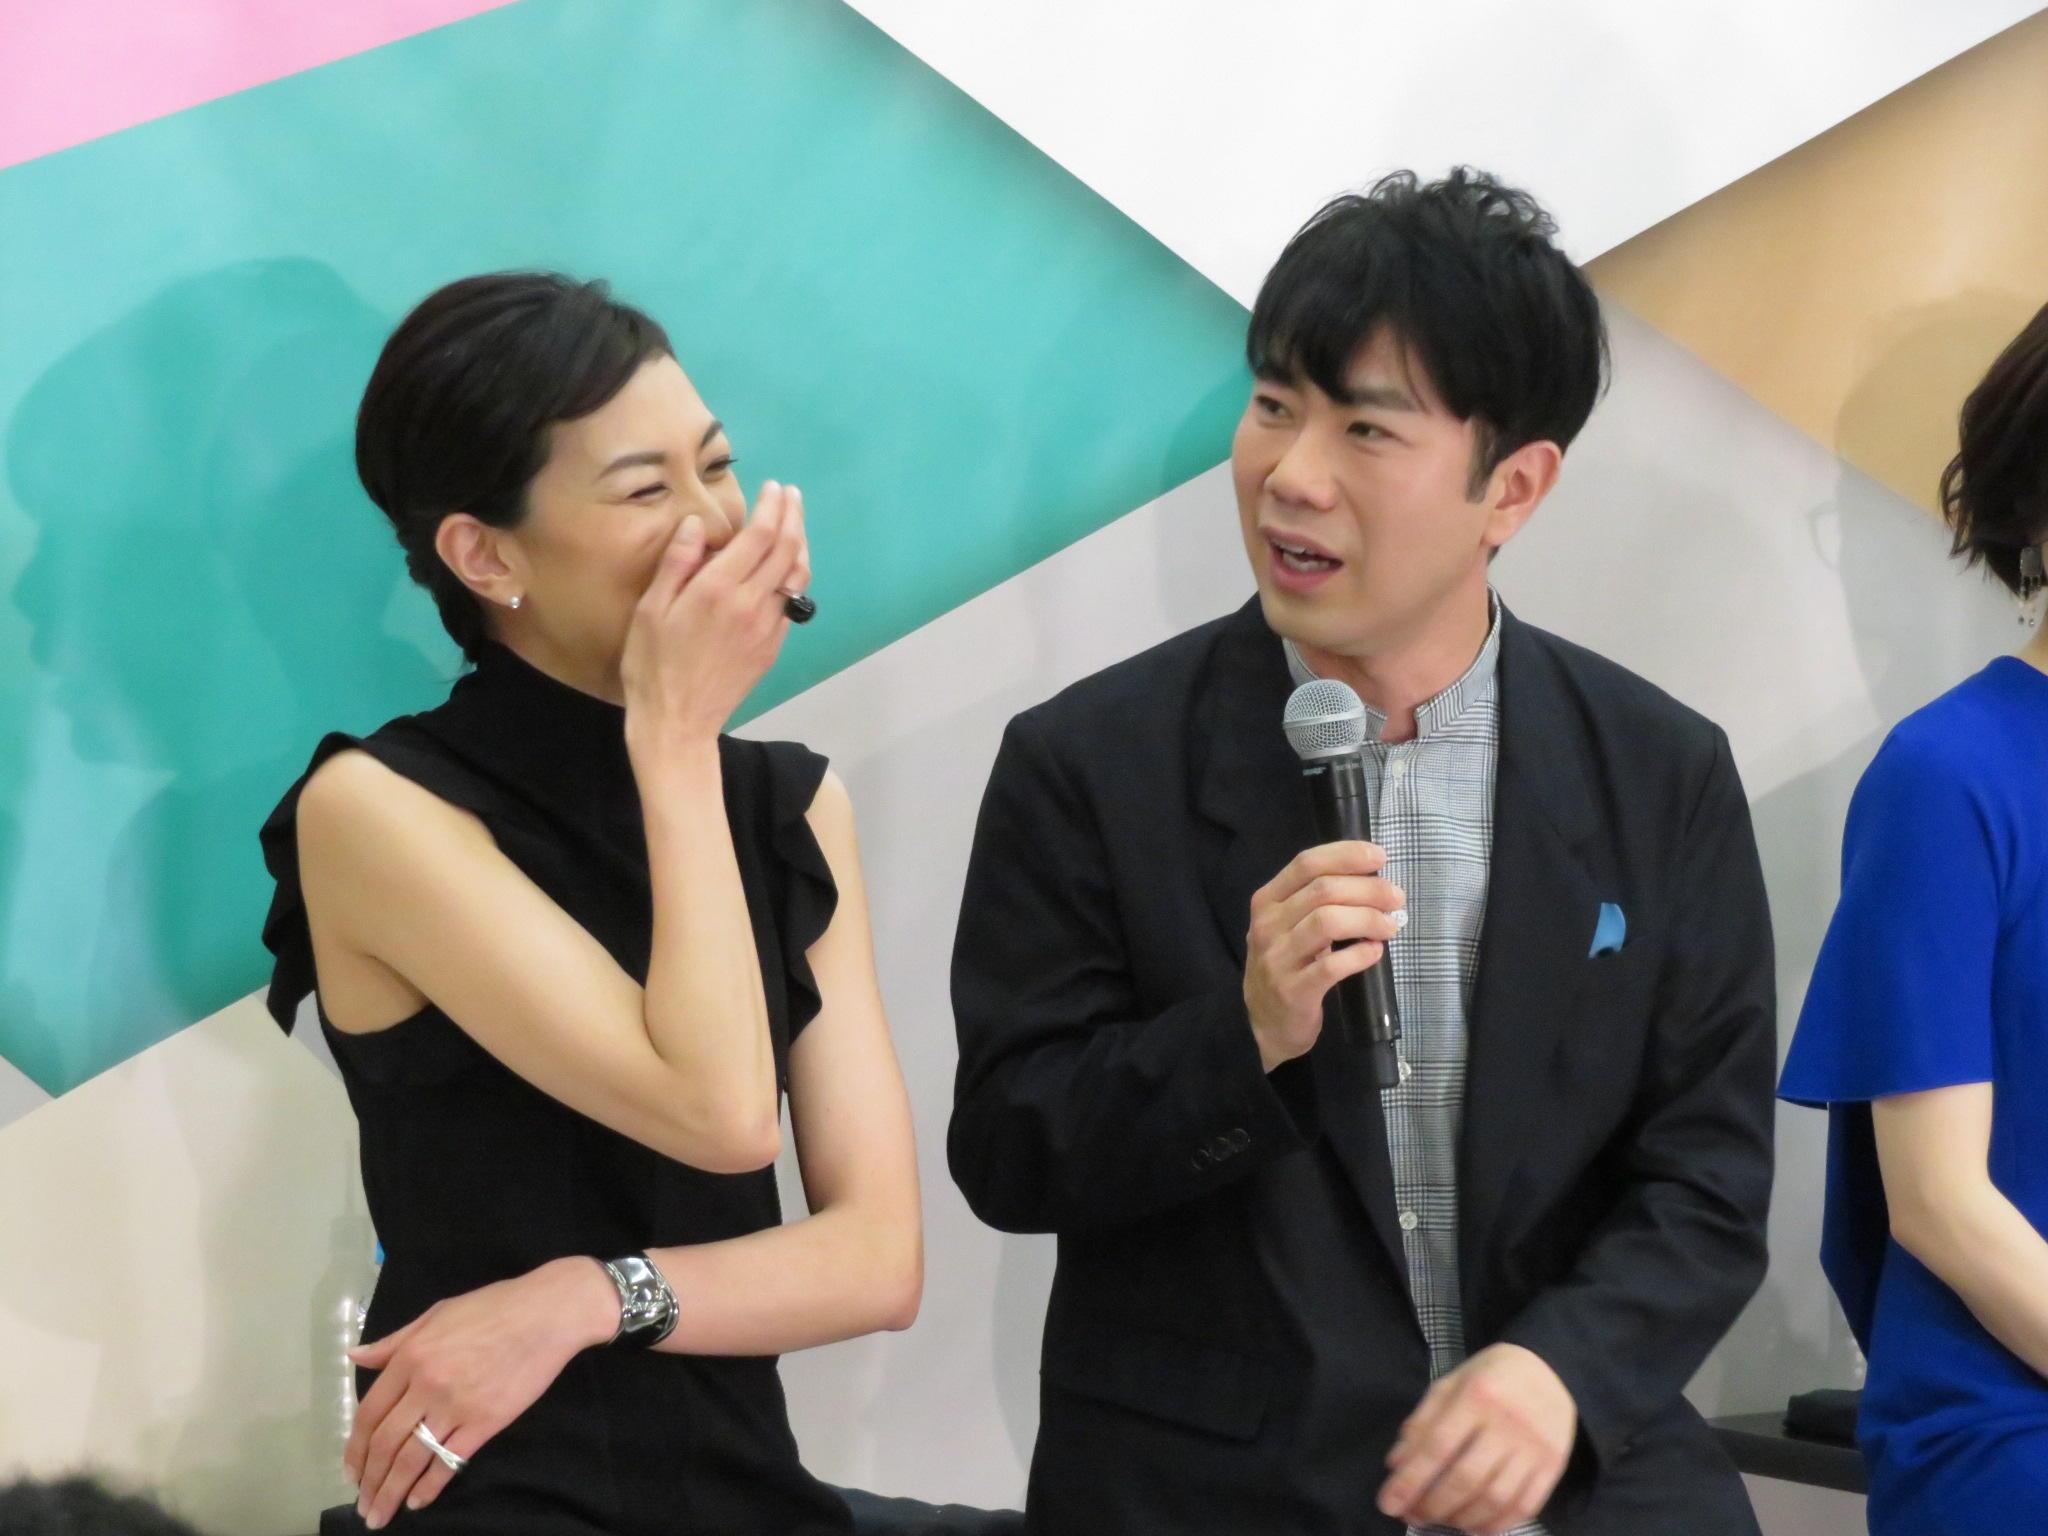 http://news.yoshimoto.co.jp/20180510193026-e4c9d12aa5c3d2ecc11151cbba3a61fc4aa813d2.jpg